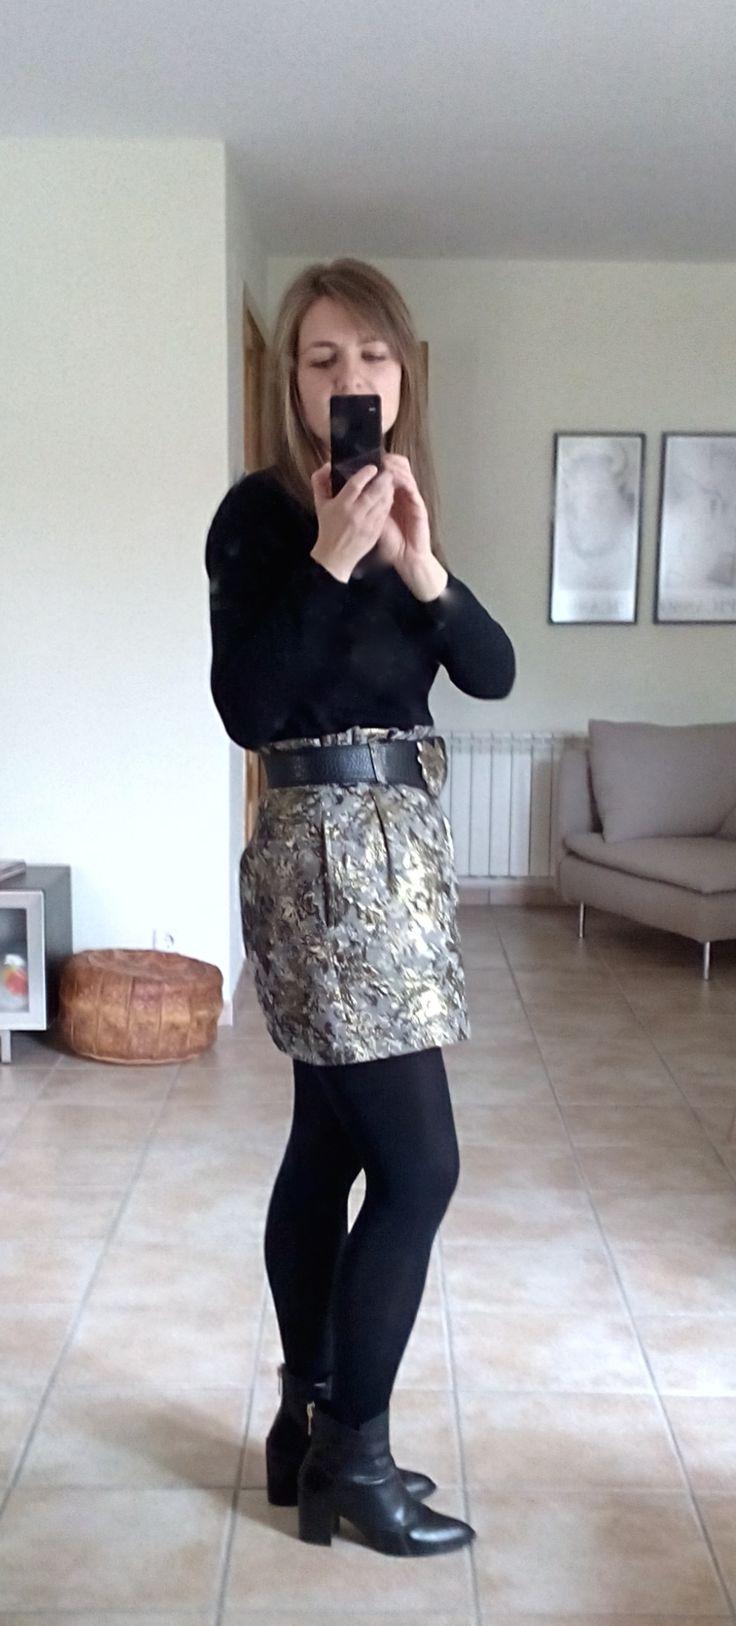 http://byrachelgreen.blogspot.com.es/2015/01/outfit-post-ii-brocade-skirt25.html